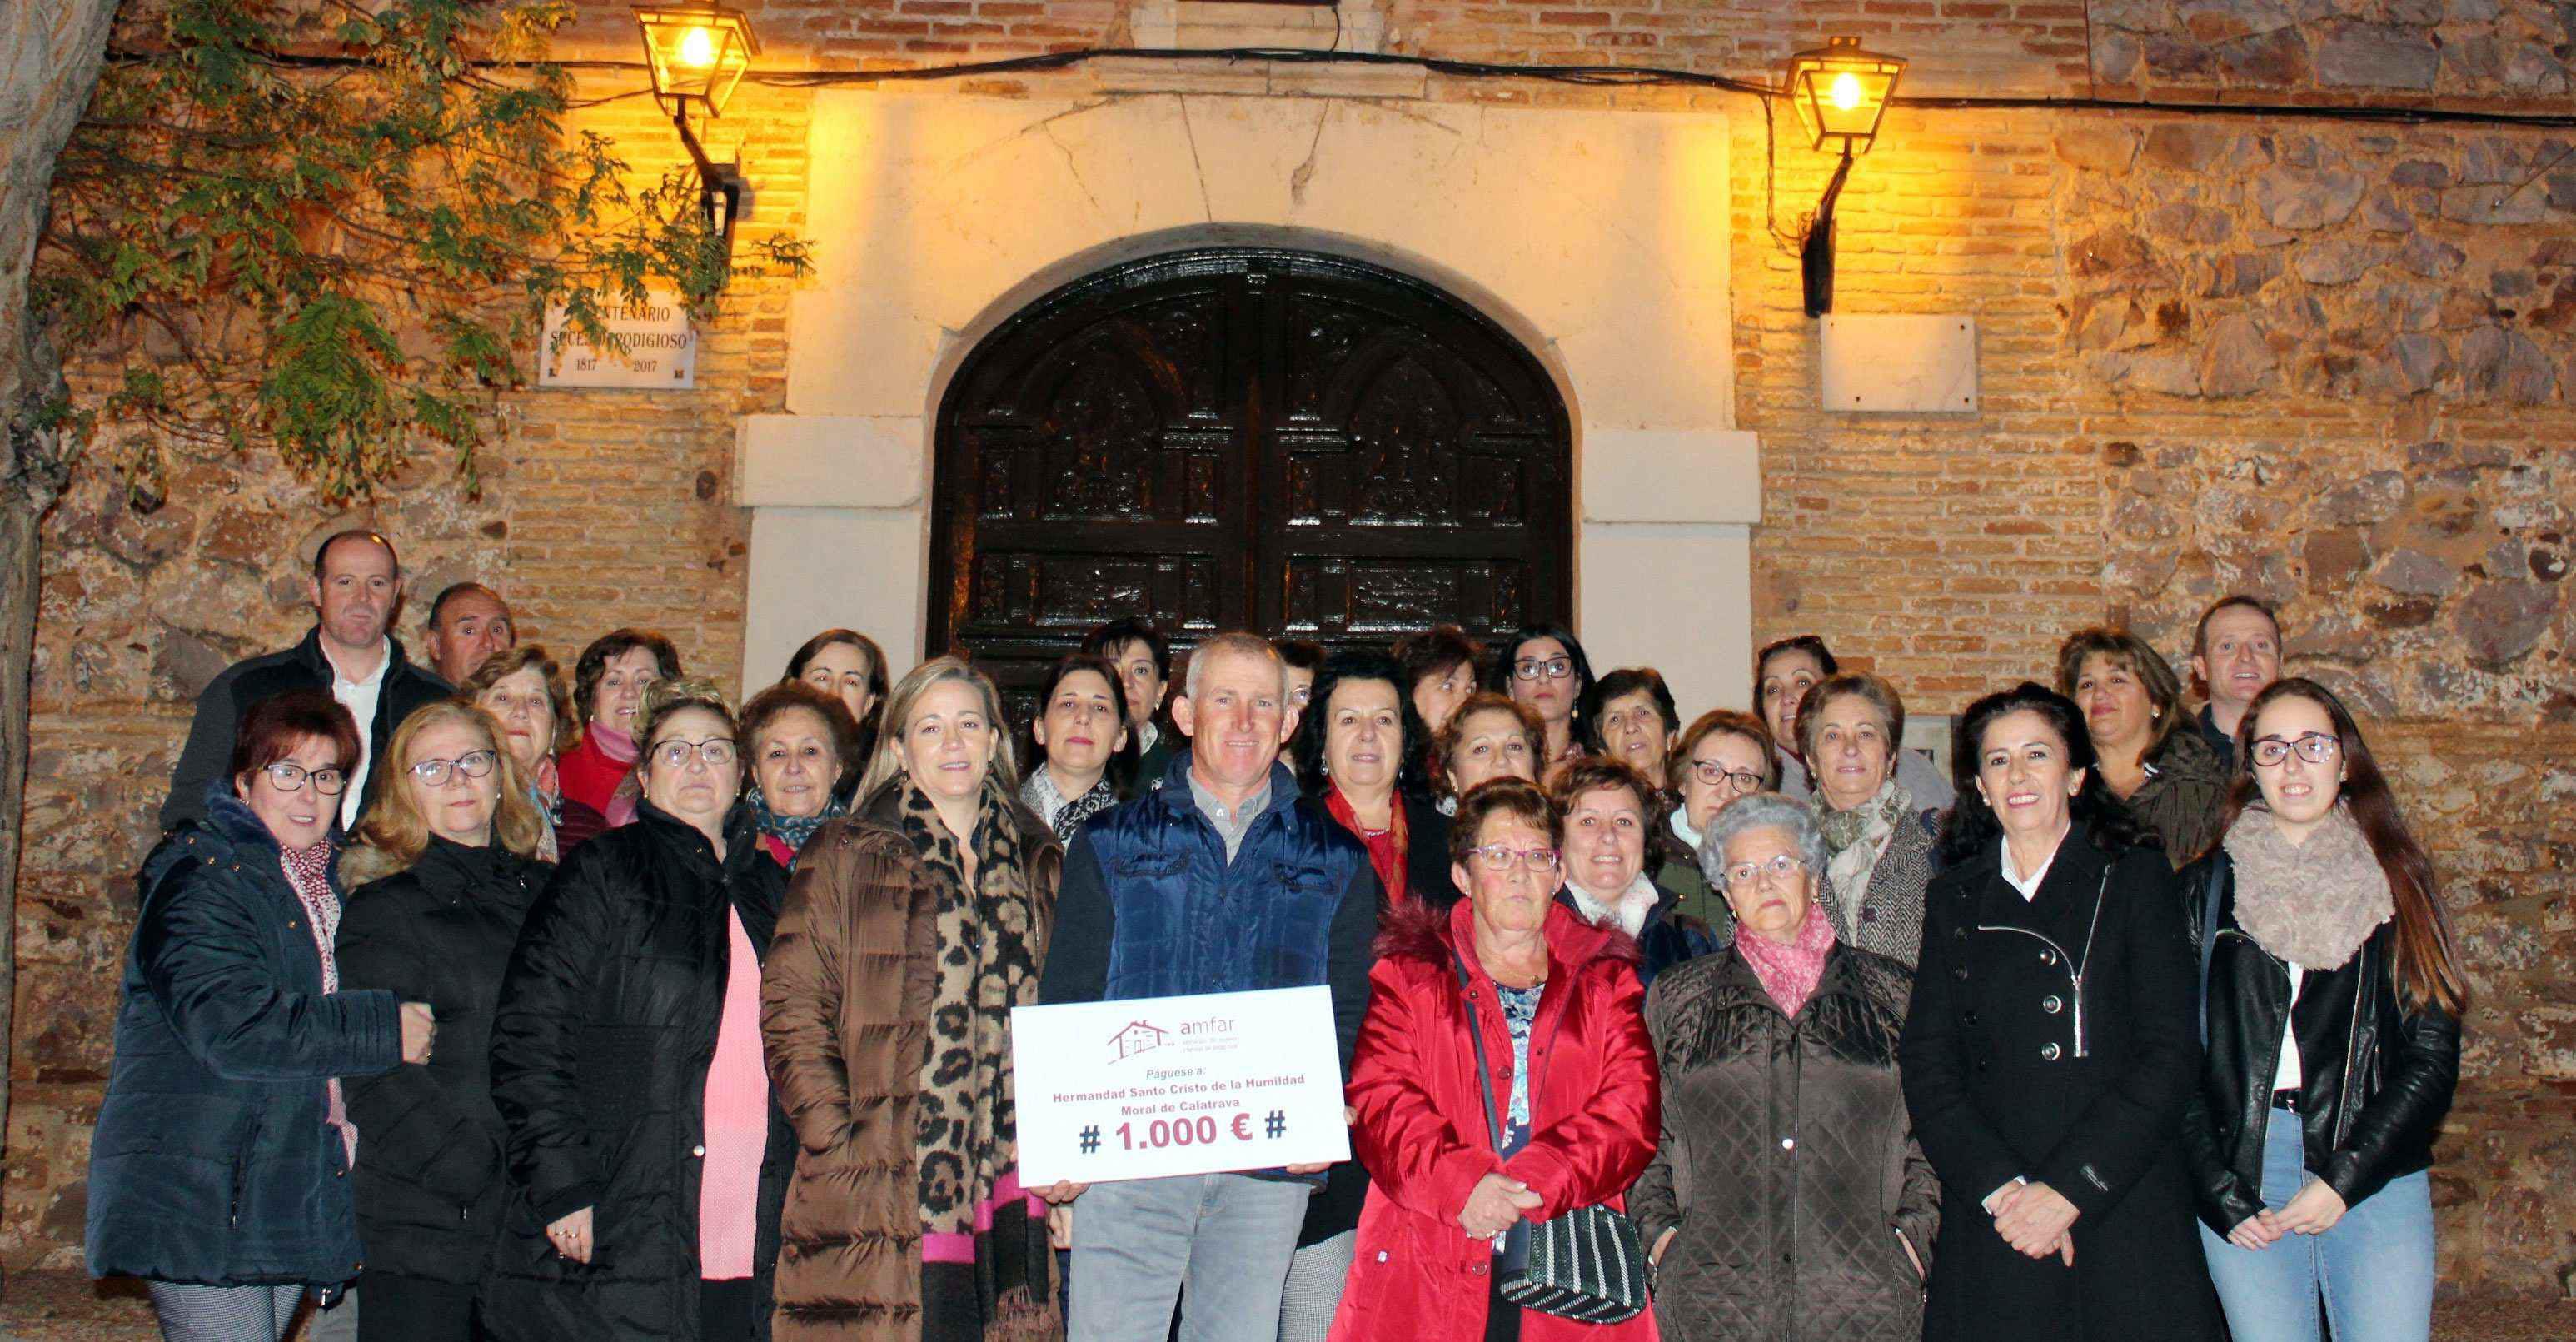 AMFAR entrega 1.000 euros a la Hermandad del Santísimo Cristo de la Humildad de Moral de Calatrava